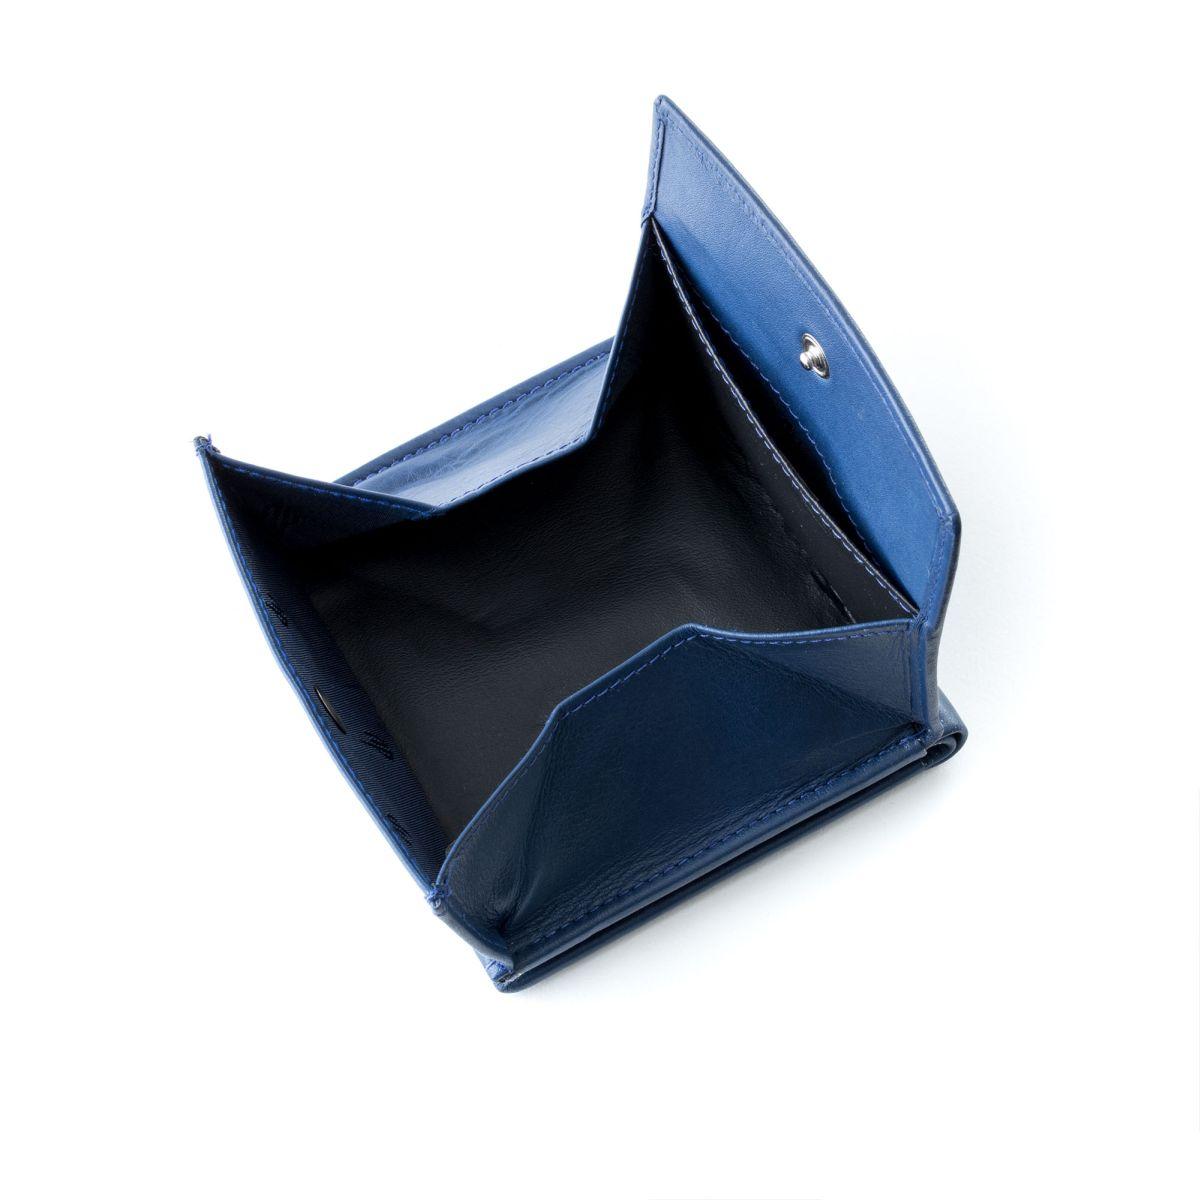 dv Small mans elegant billfold wallet  - Blue